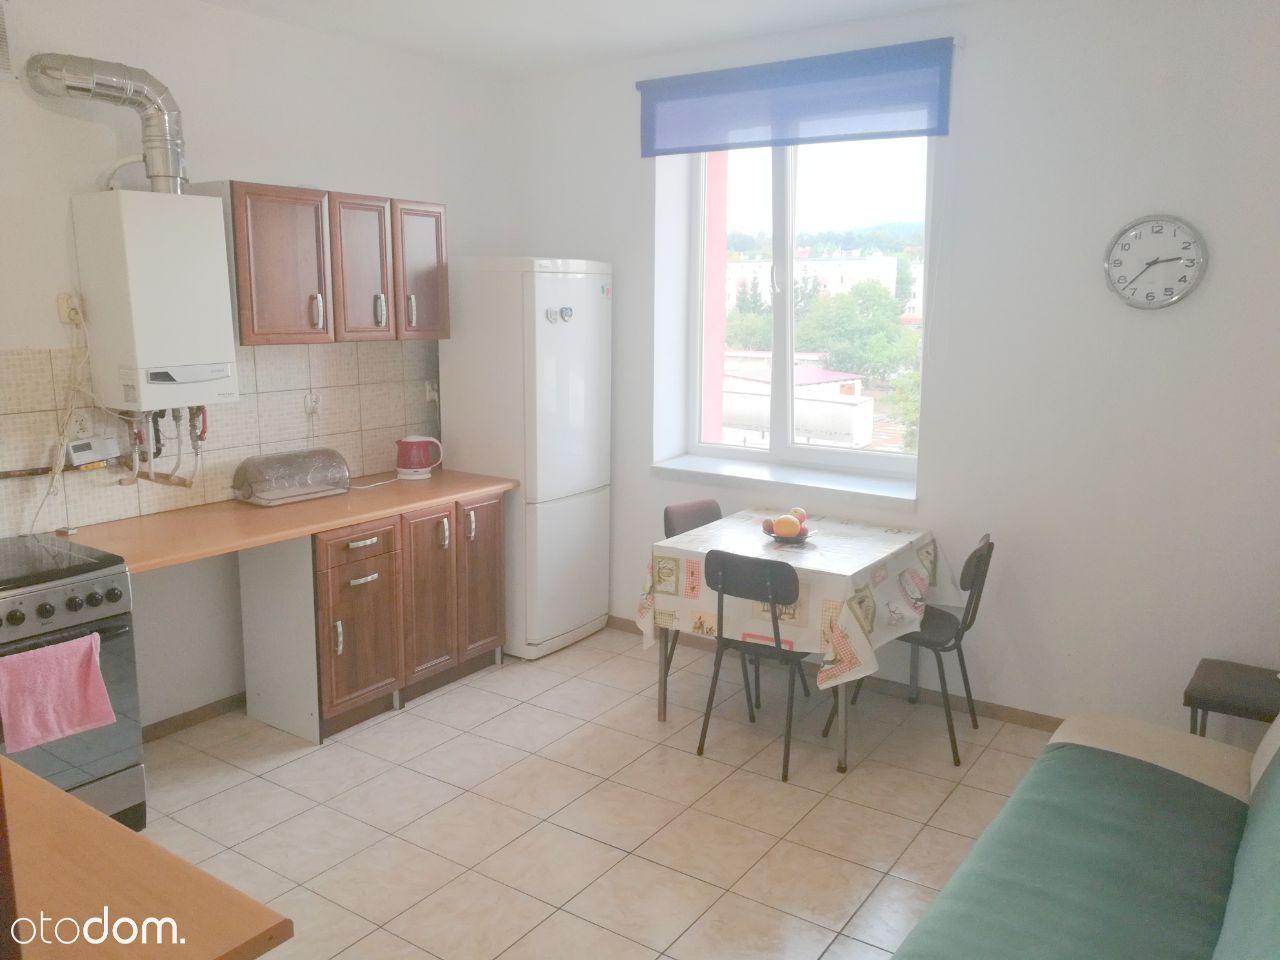 Mieszkanie na sprzedaż, Świebodzice, świdnicki, dolnośląskie - Foto 4